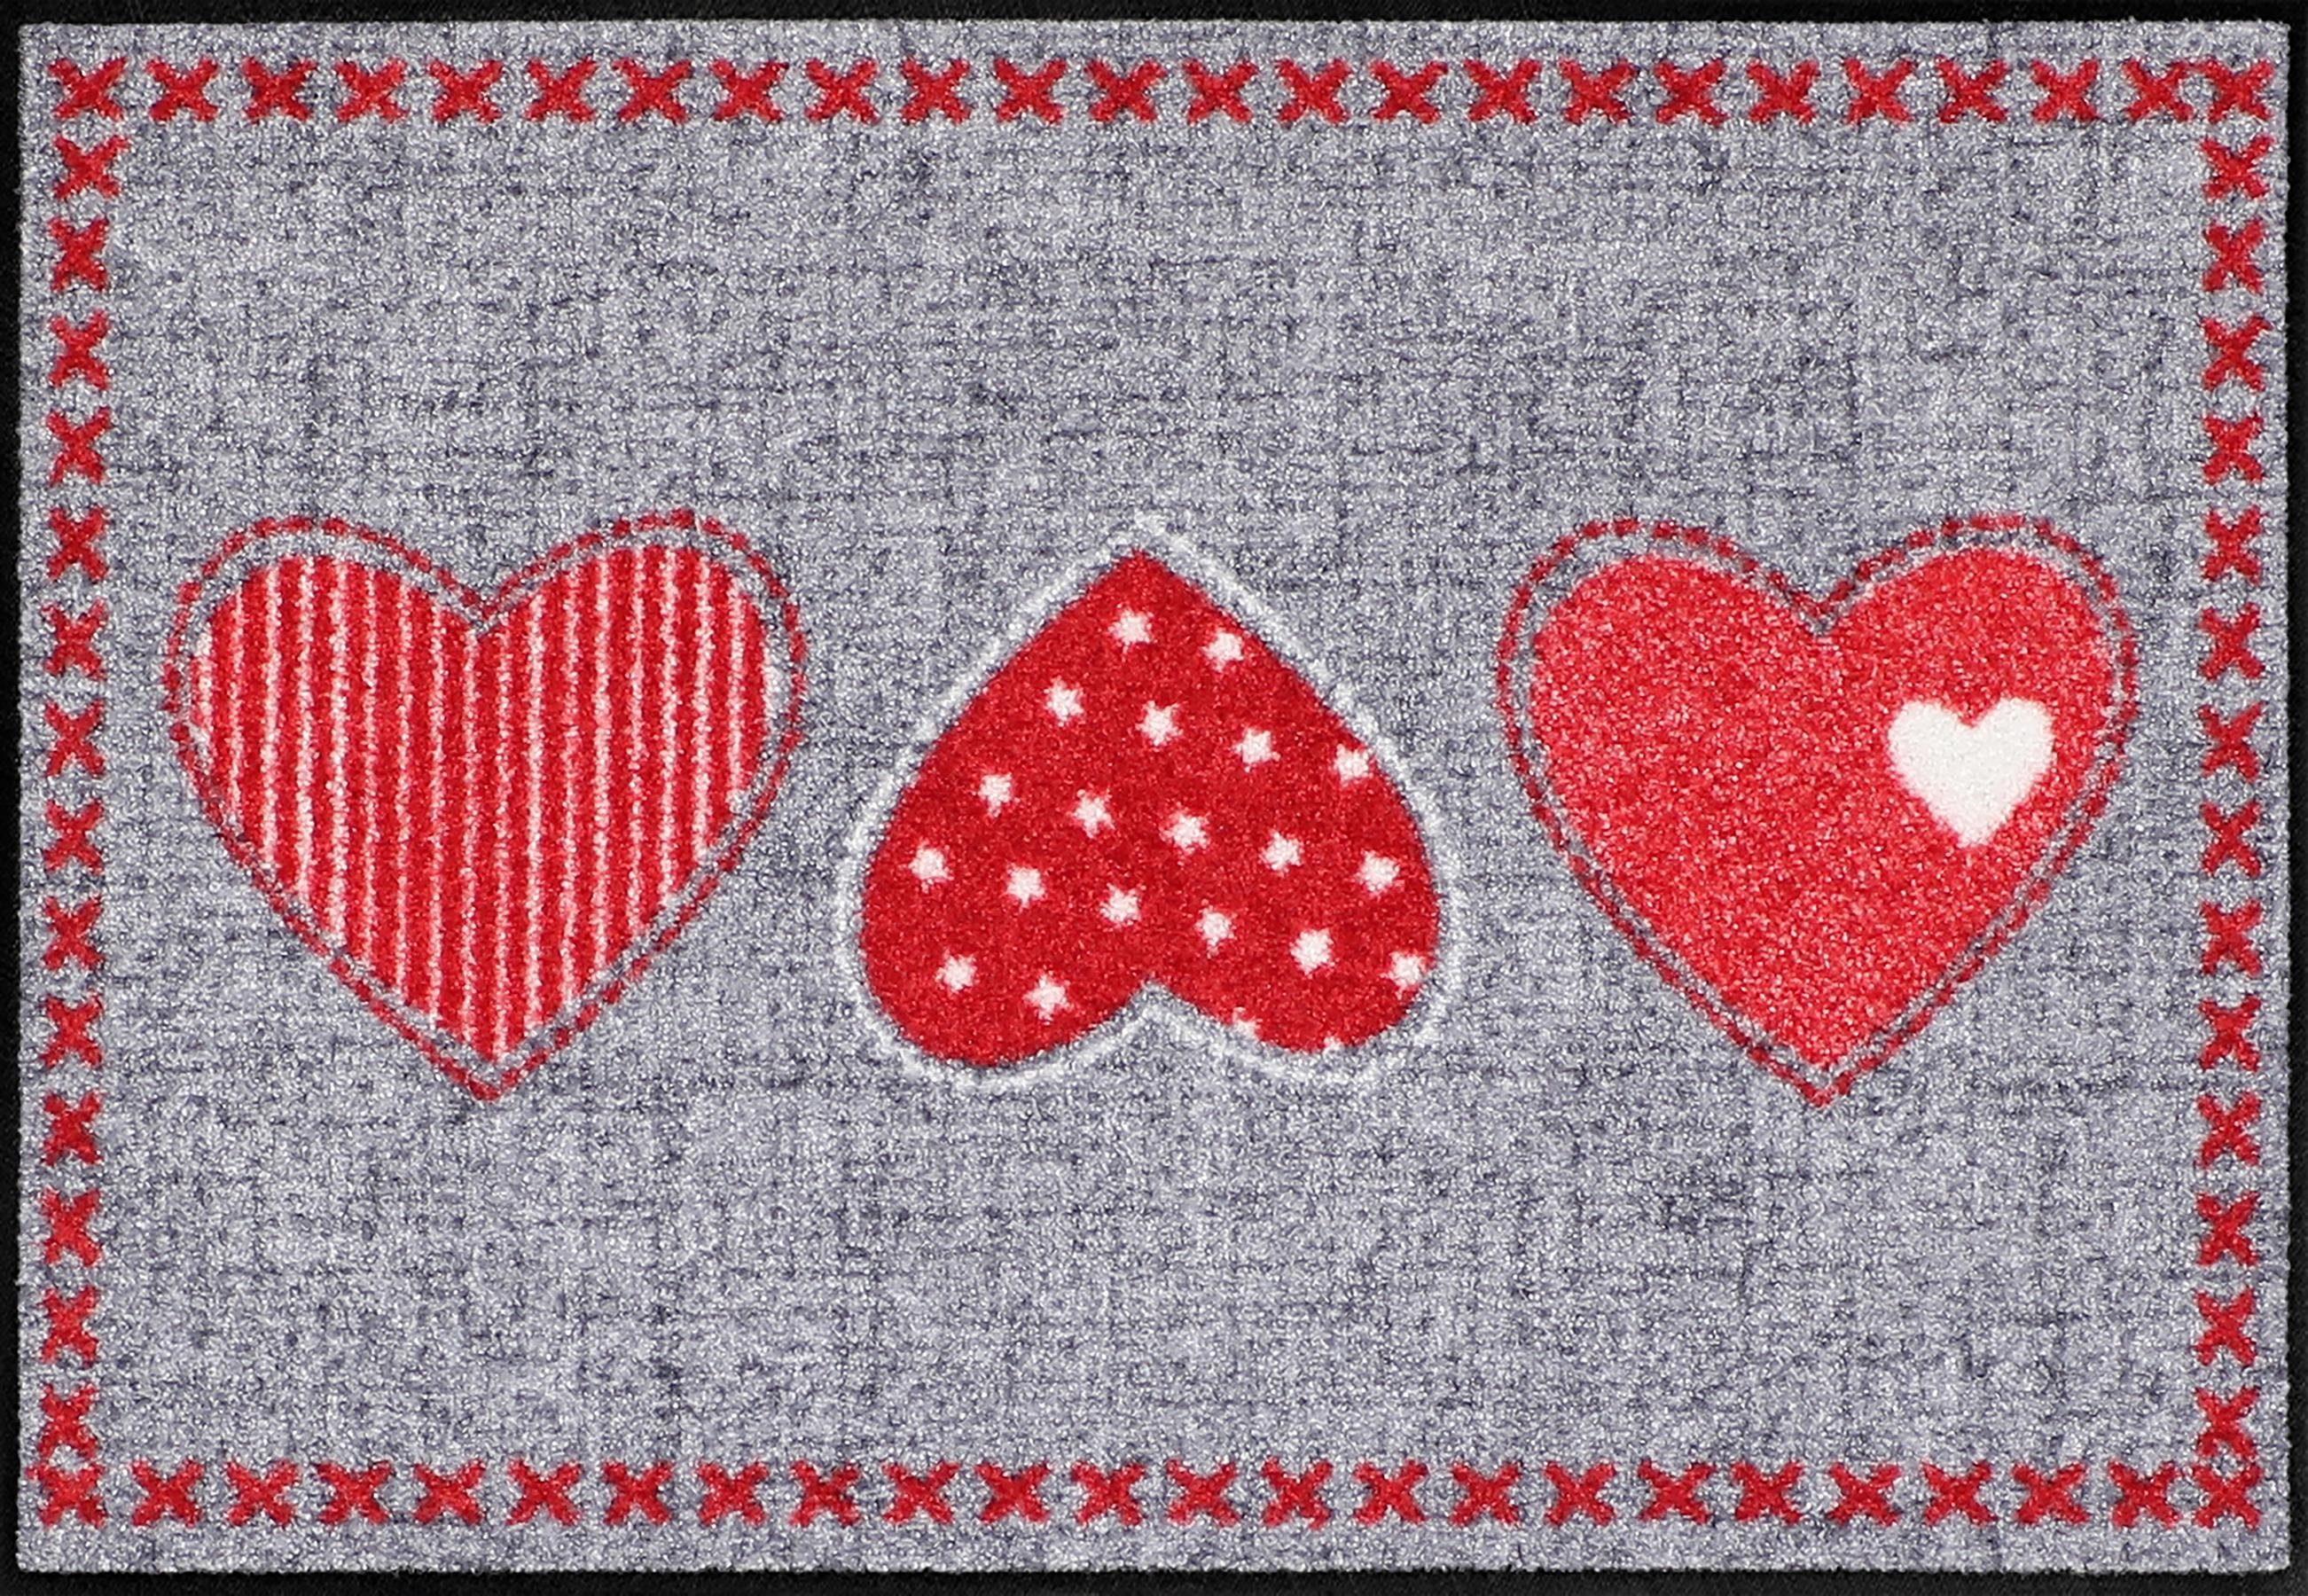 Fußmatte »Heart Application«, Salonloewe, rechteckig, Höhe 6 mm, In- und Outdoor geeignet